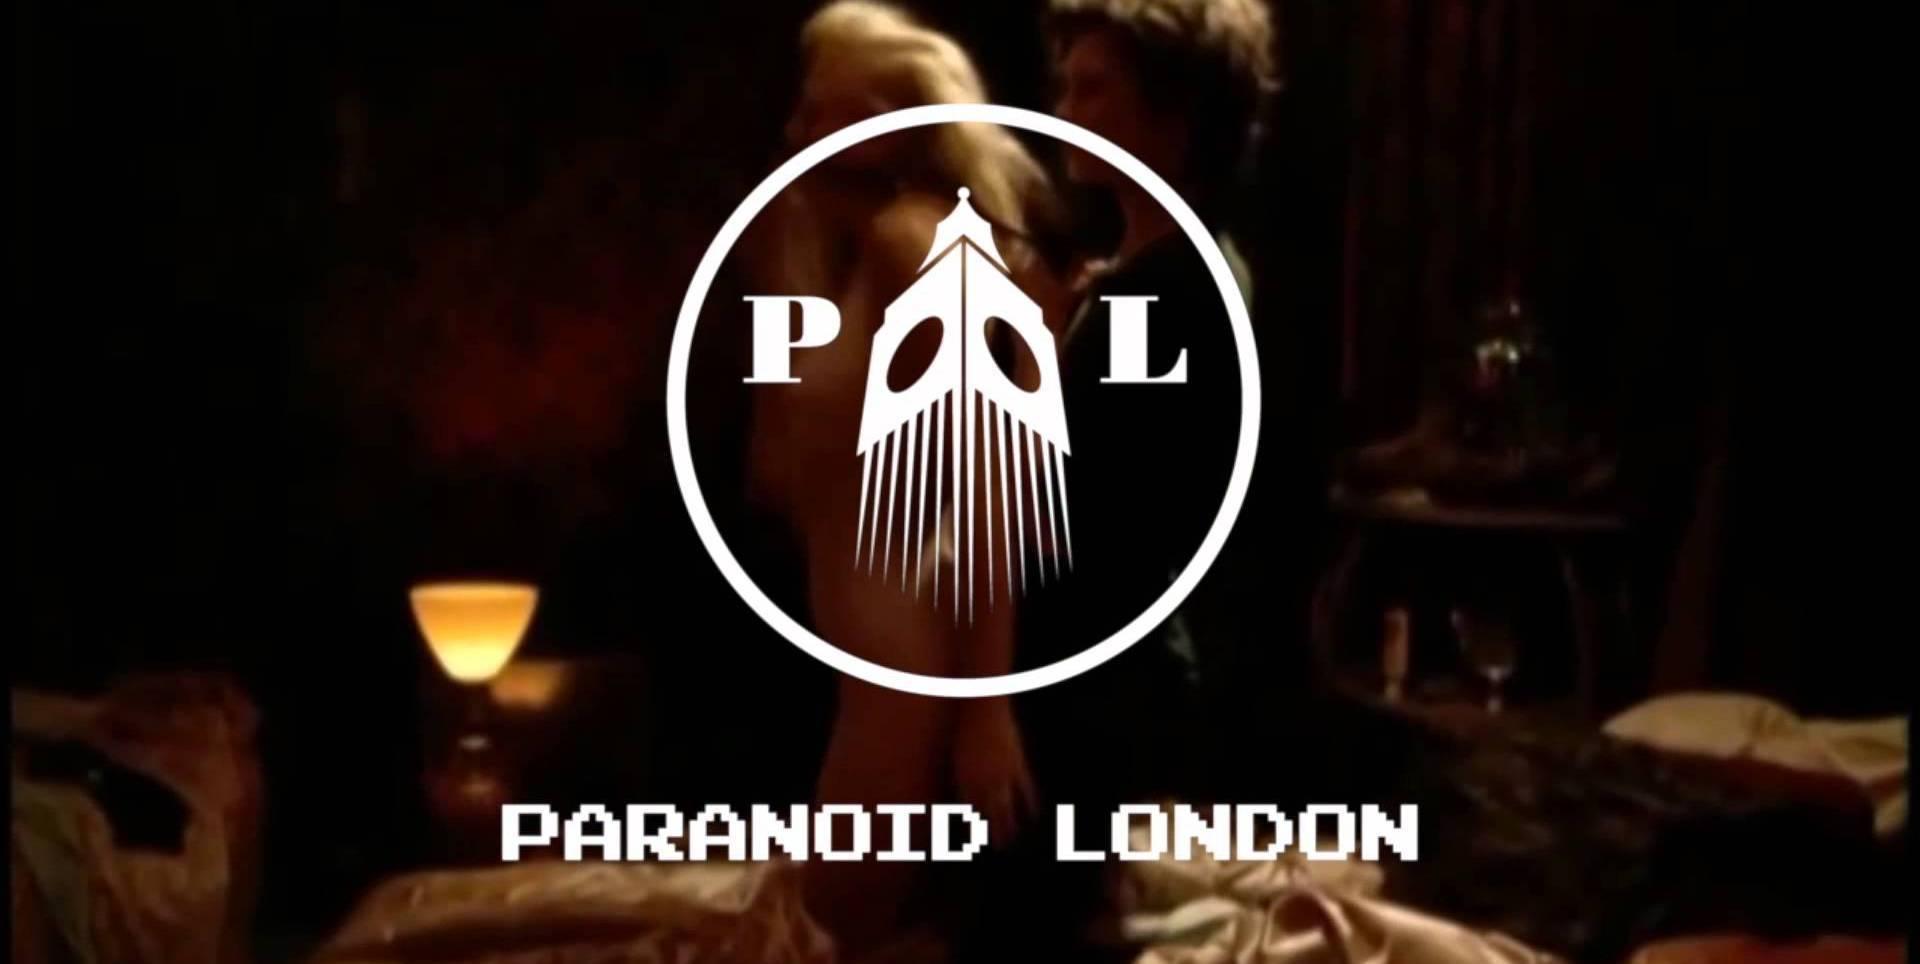 Razz Clubs: Paranoid London + DJhonston